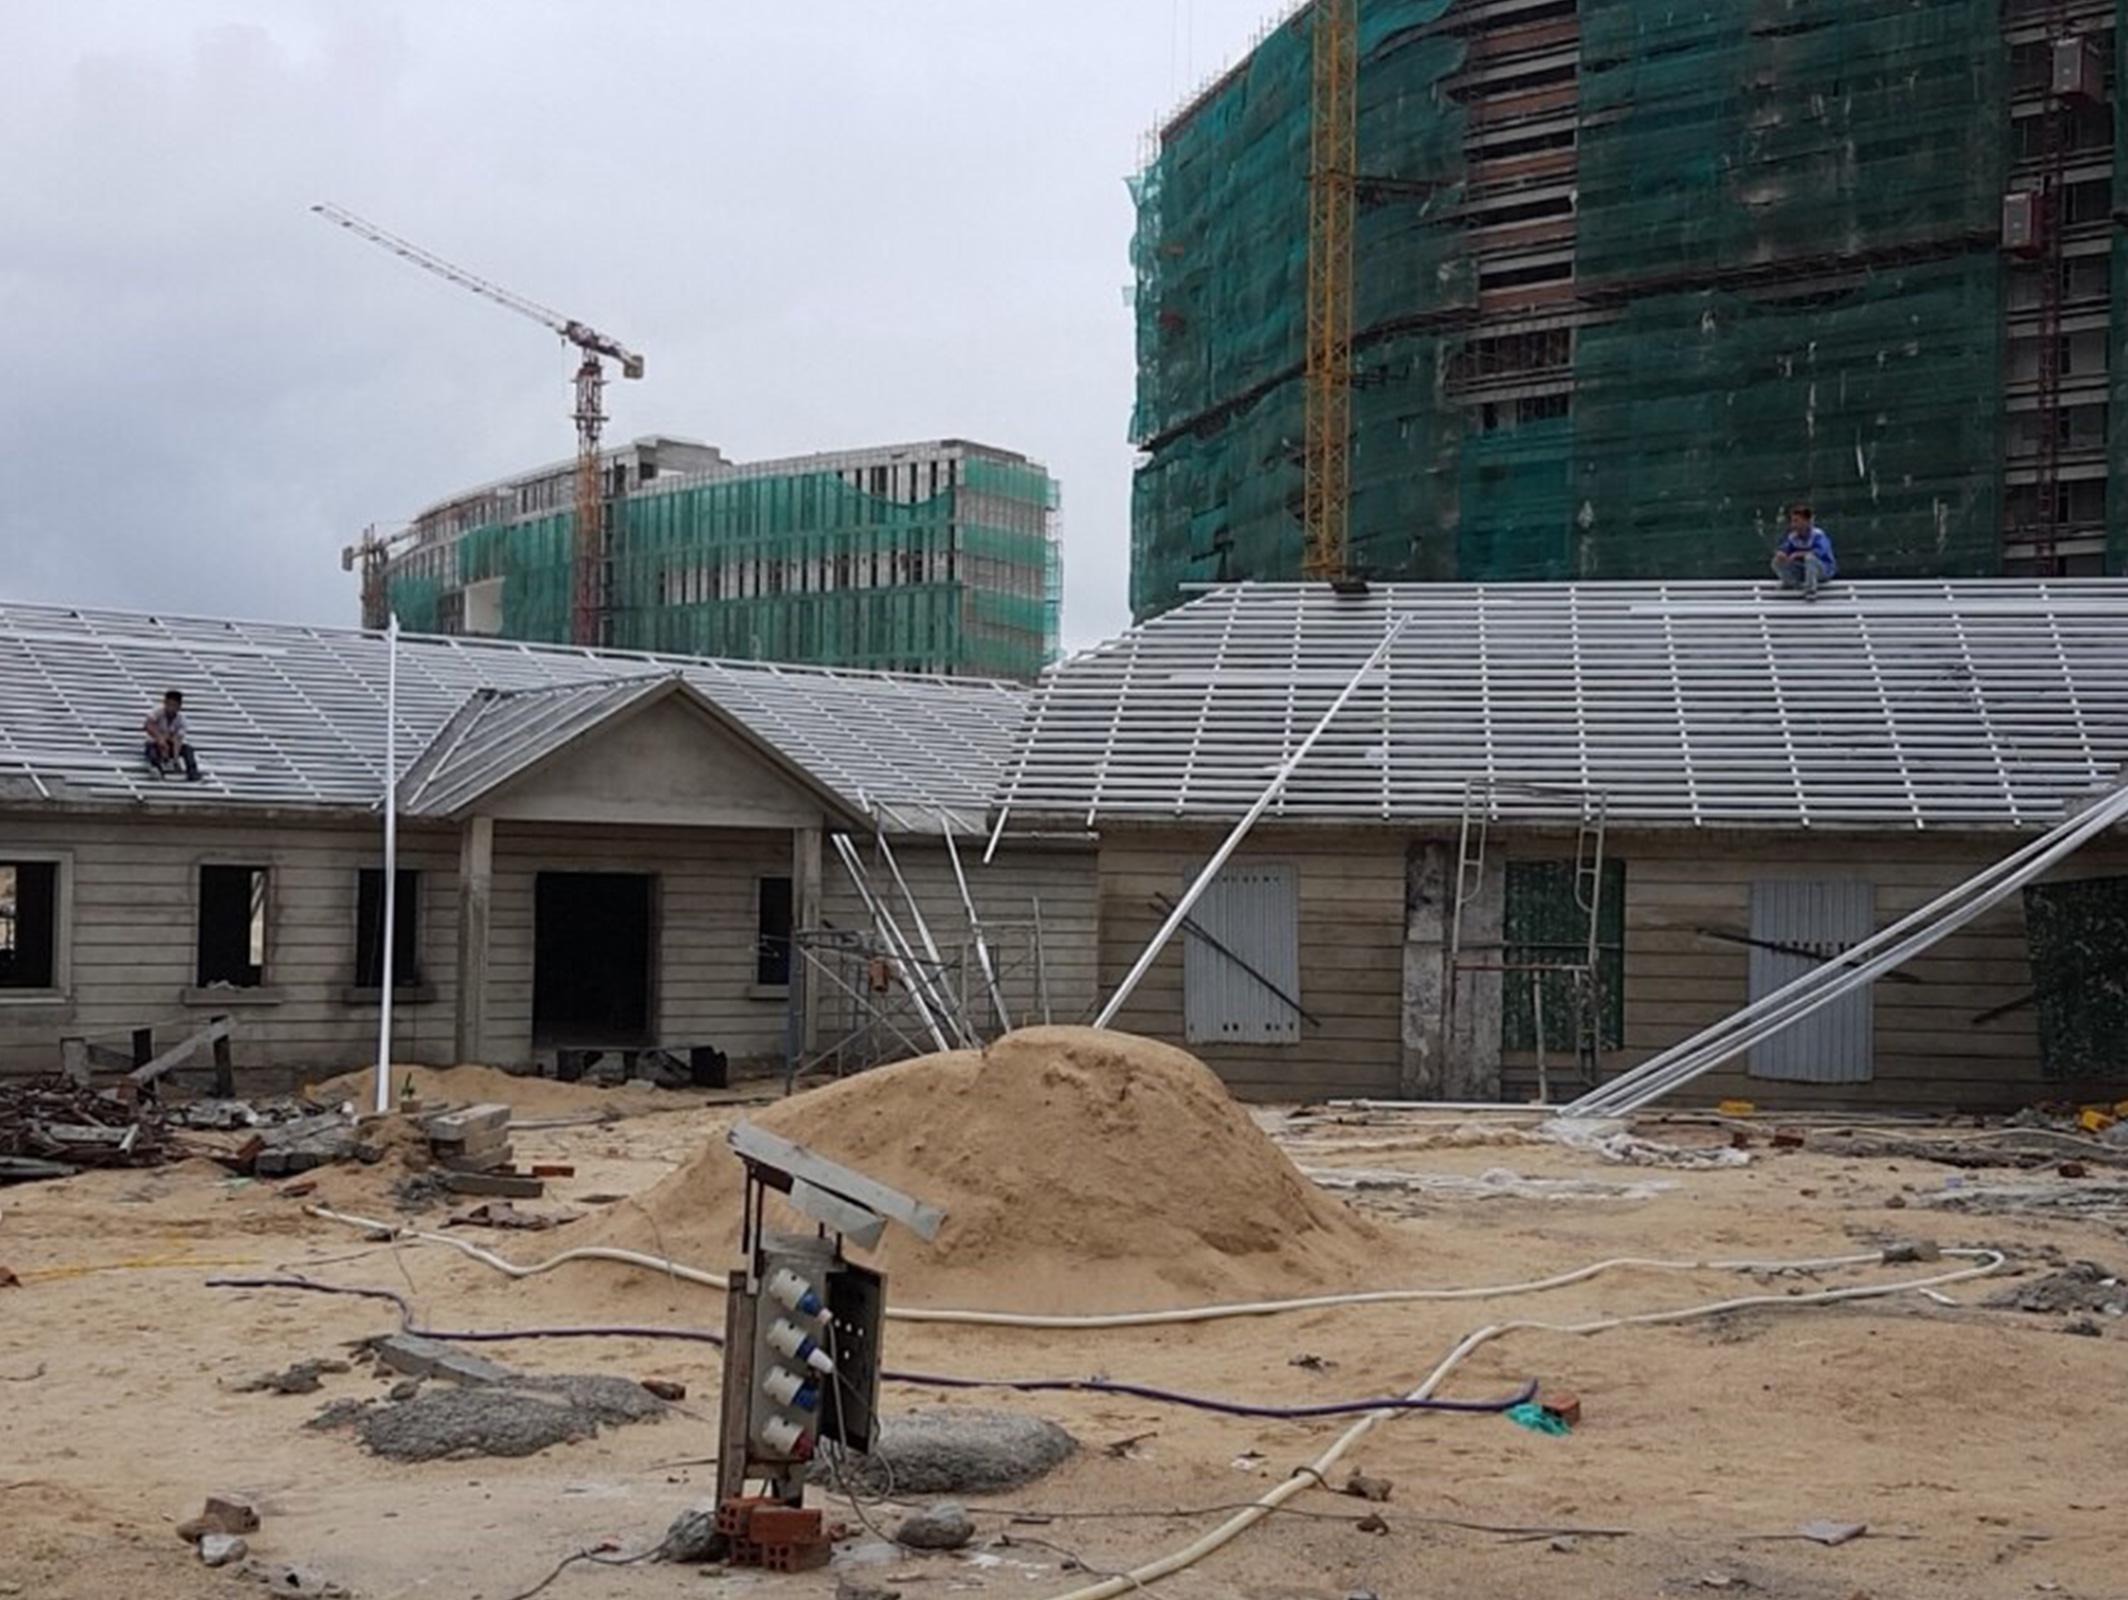 Thi công mái ngói Khánh Hòa - Dự án bãi dài Nha Trang